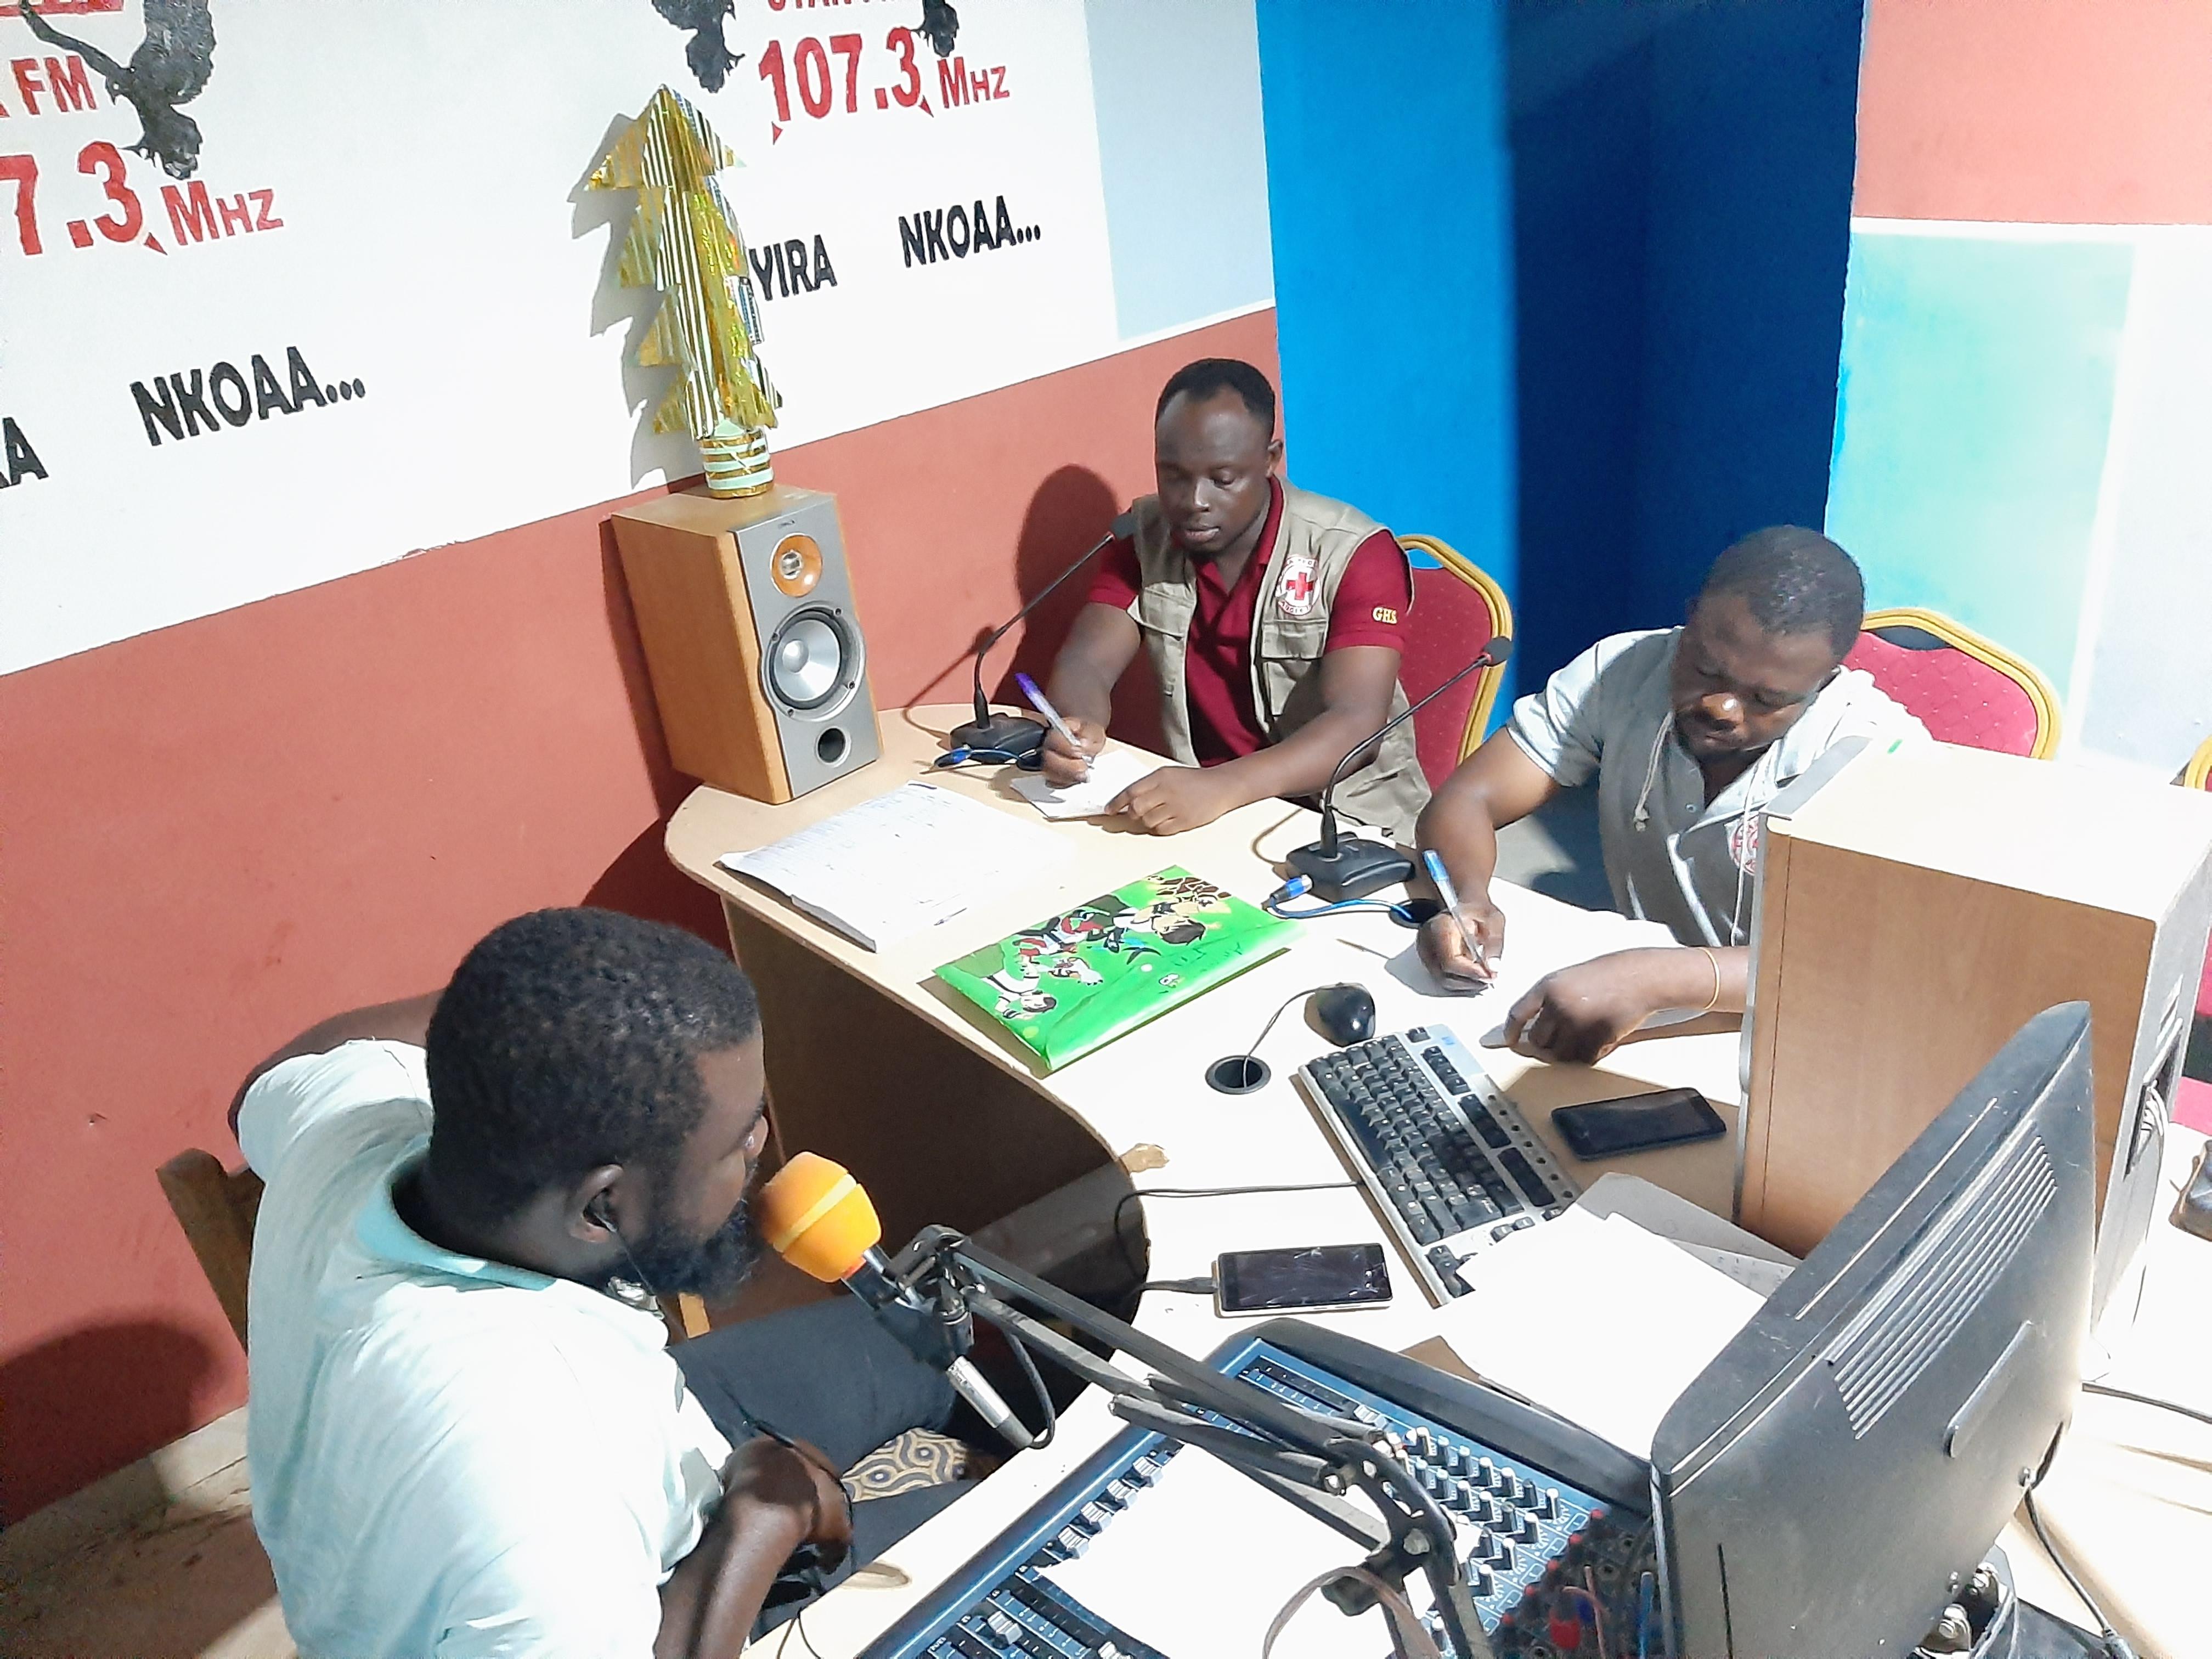 Das Rote Kreuz leistete in Ghana wichtige Aufklärungs- und Sensibilisierungsarbeit zum Coronavirus. Auch Menschen in abgelegenen Regionen konnten dank den Rotkreuzfreiwilligen erreicht werden.